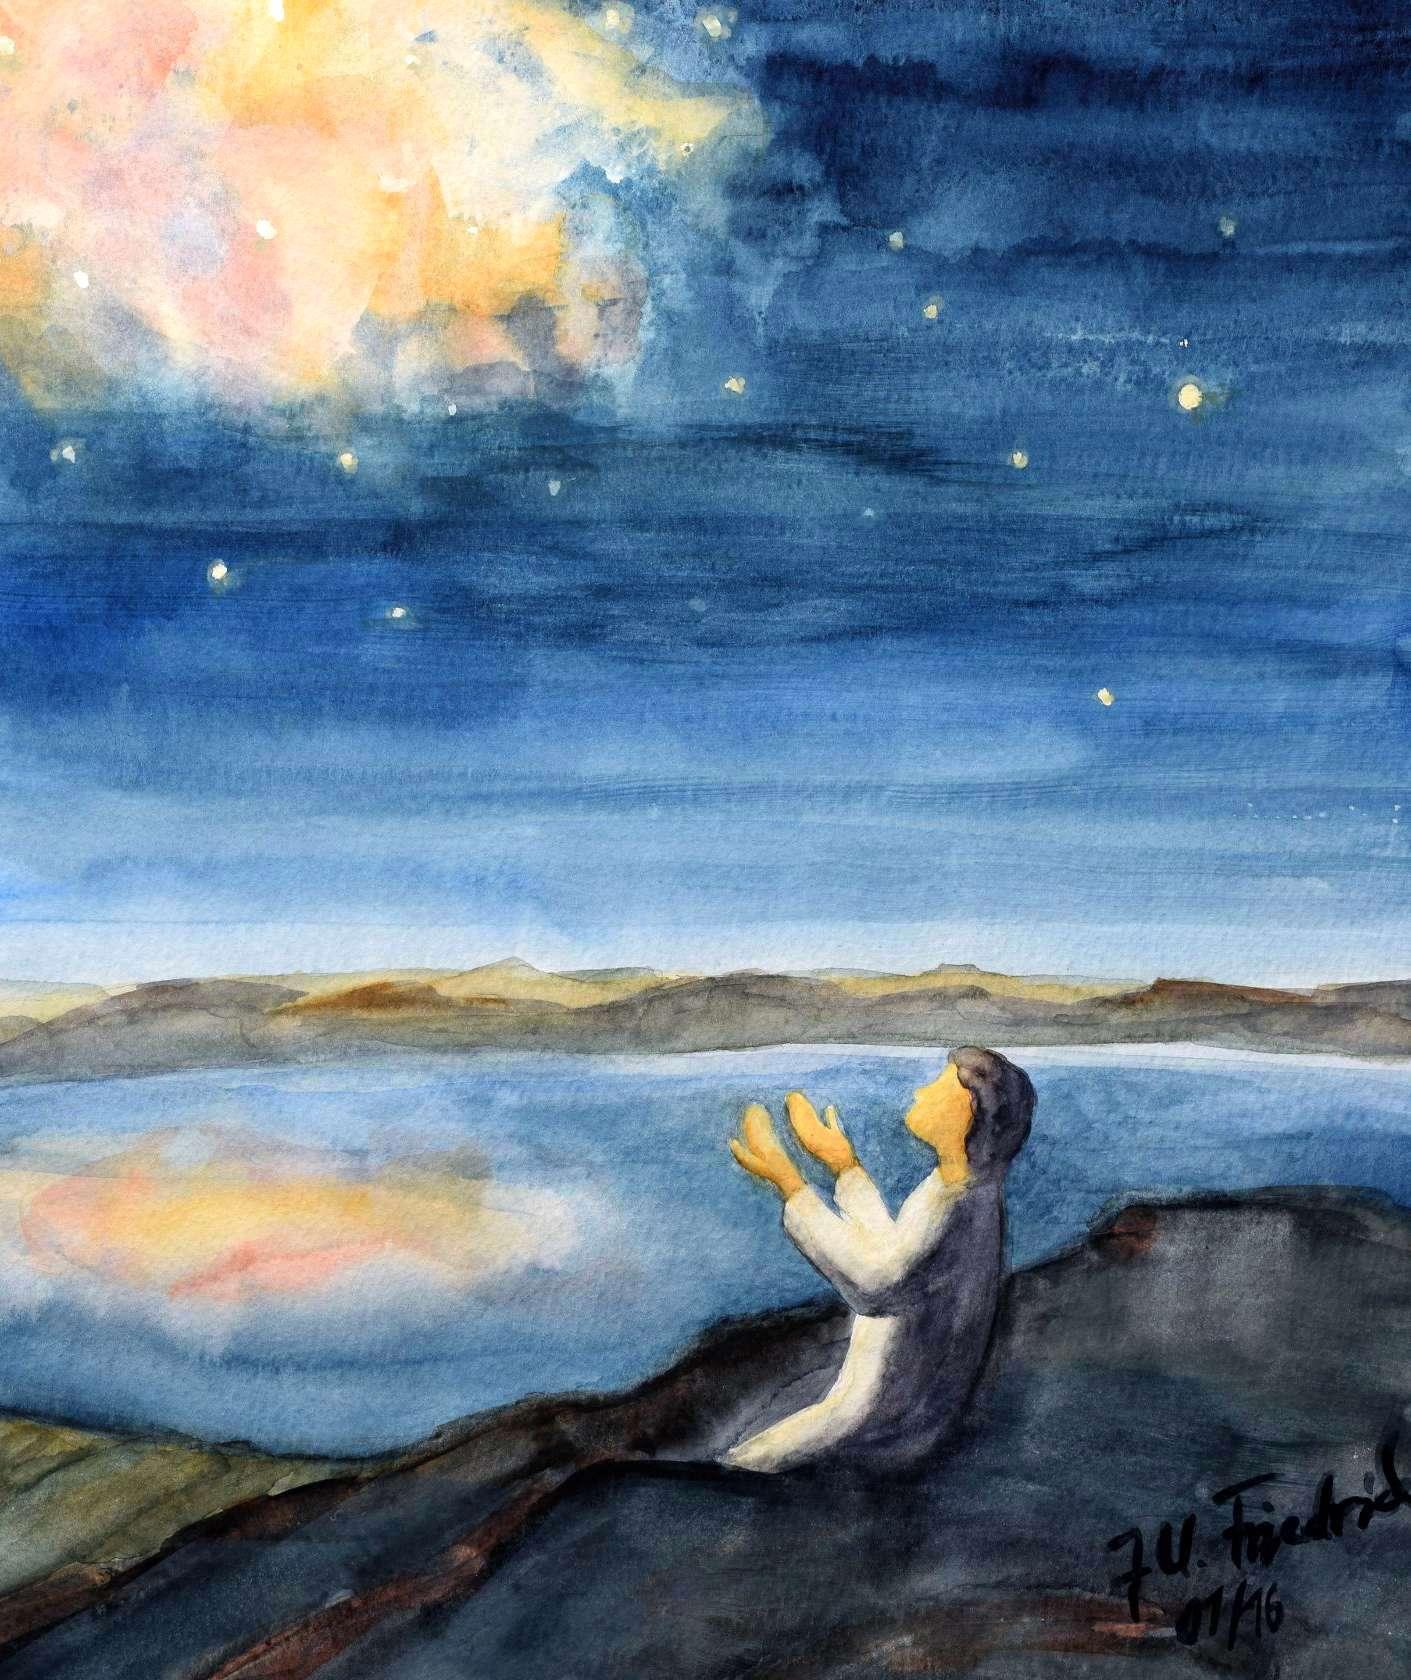 wpid-jesus_betet_allein_auf_dem_berg-der_himmel_ist_offen.jpg